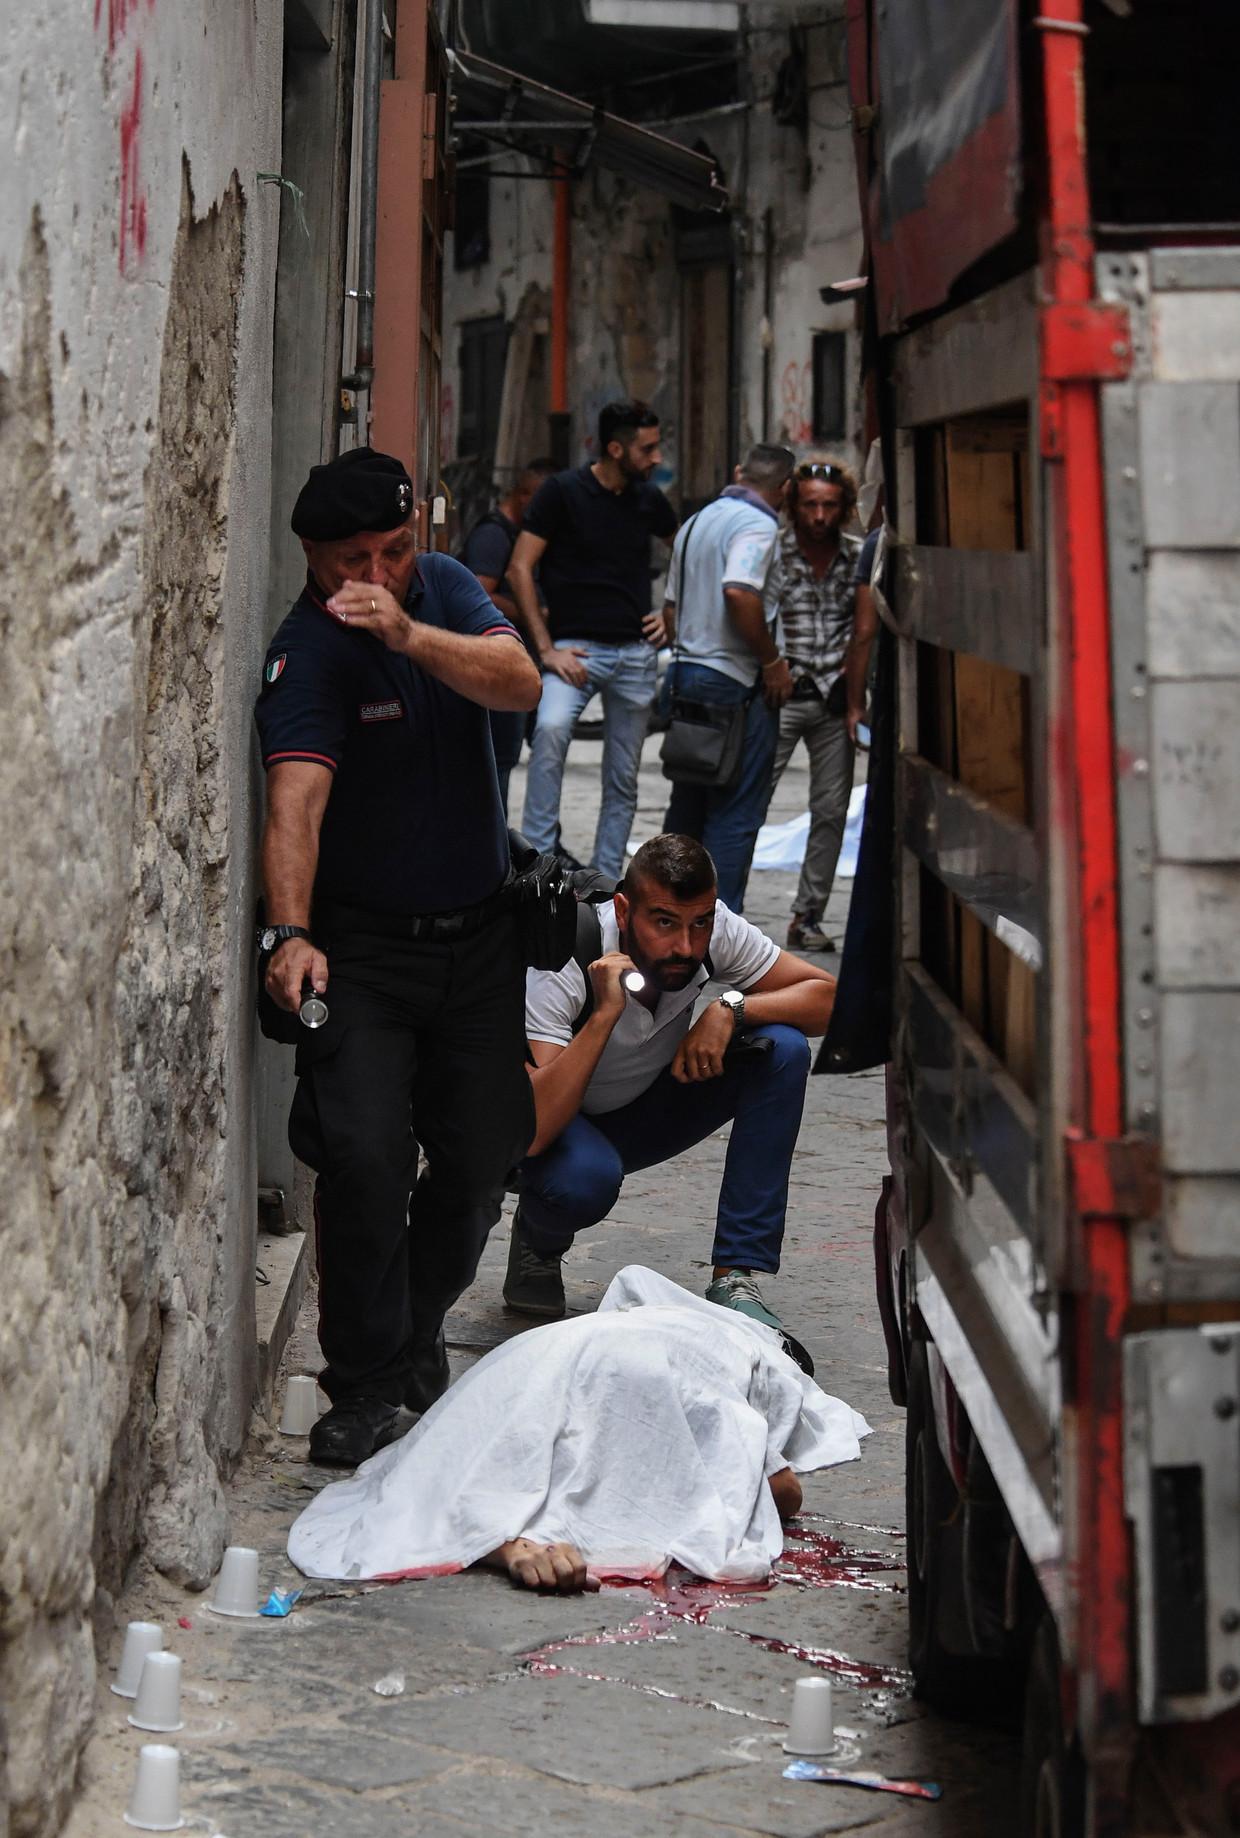 Een slachtoffer van de Napolitaanse camorra is afgedekt met een laken. Op de achtergrond ligt een tweede slachtoffer (september 2017).